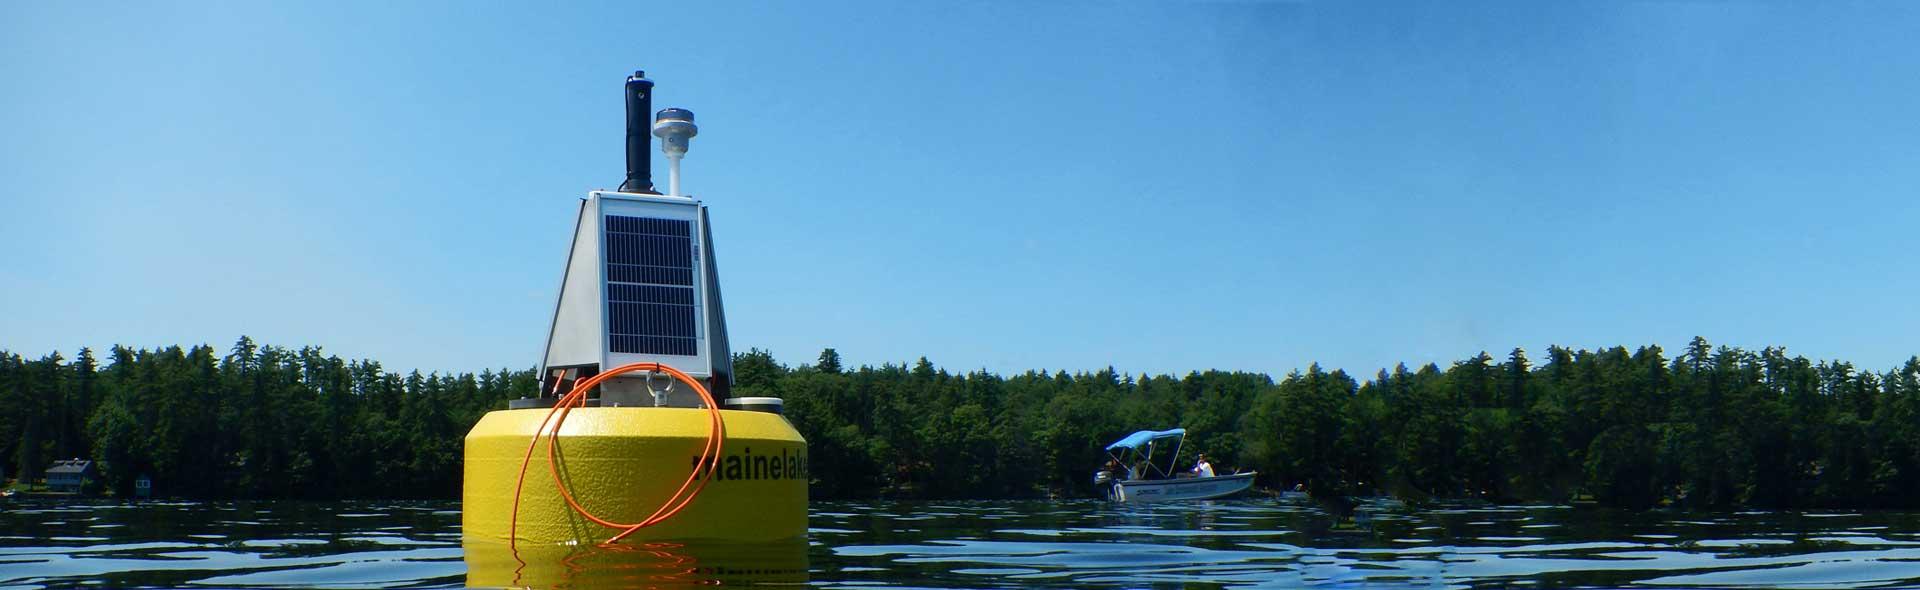 Lake monitoring buoy